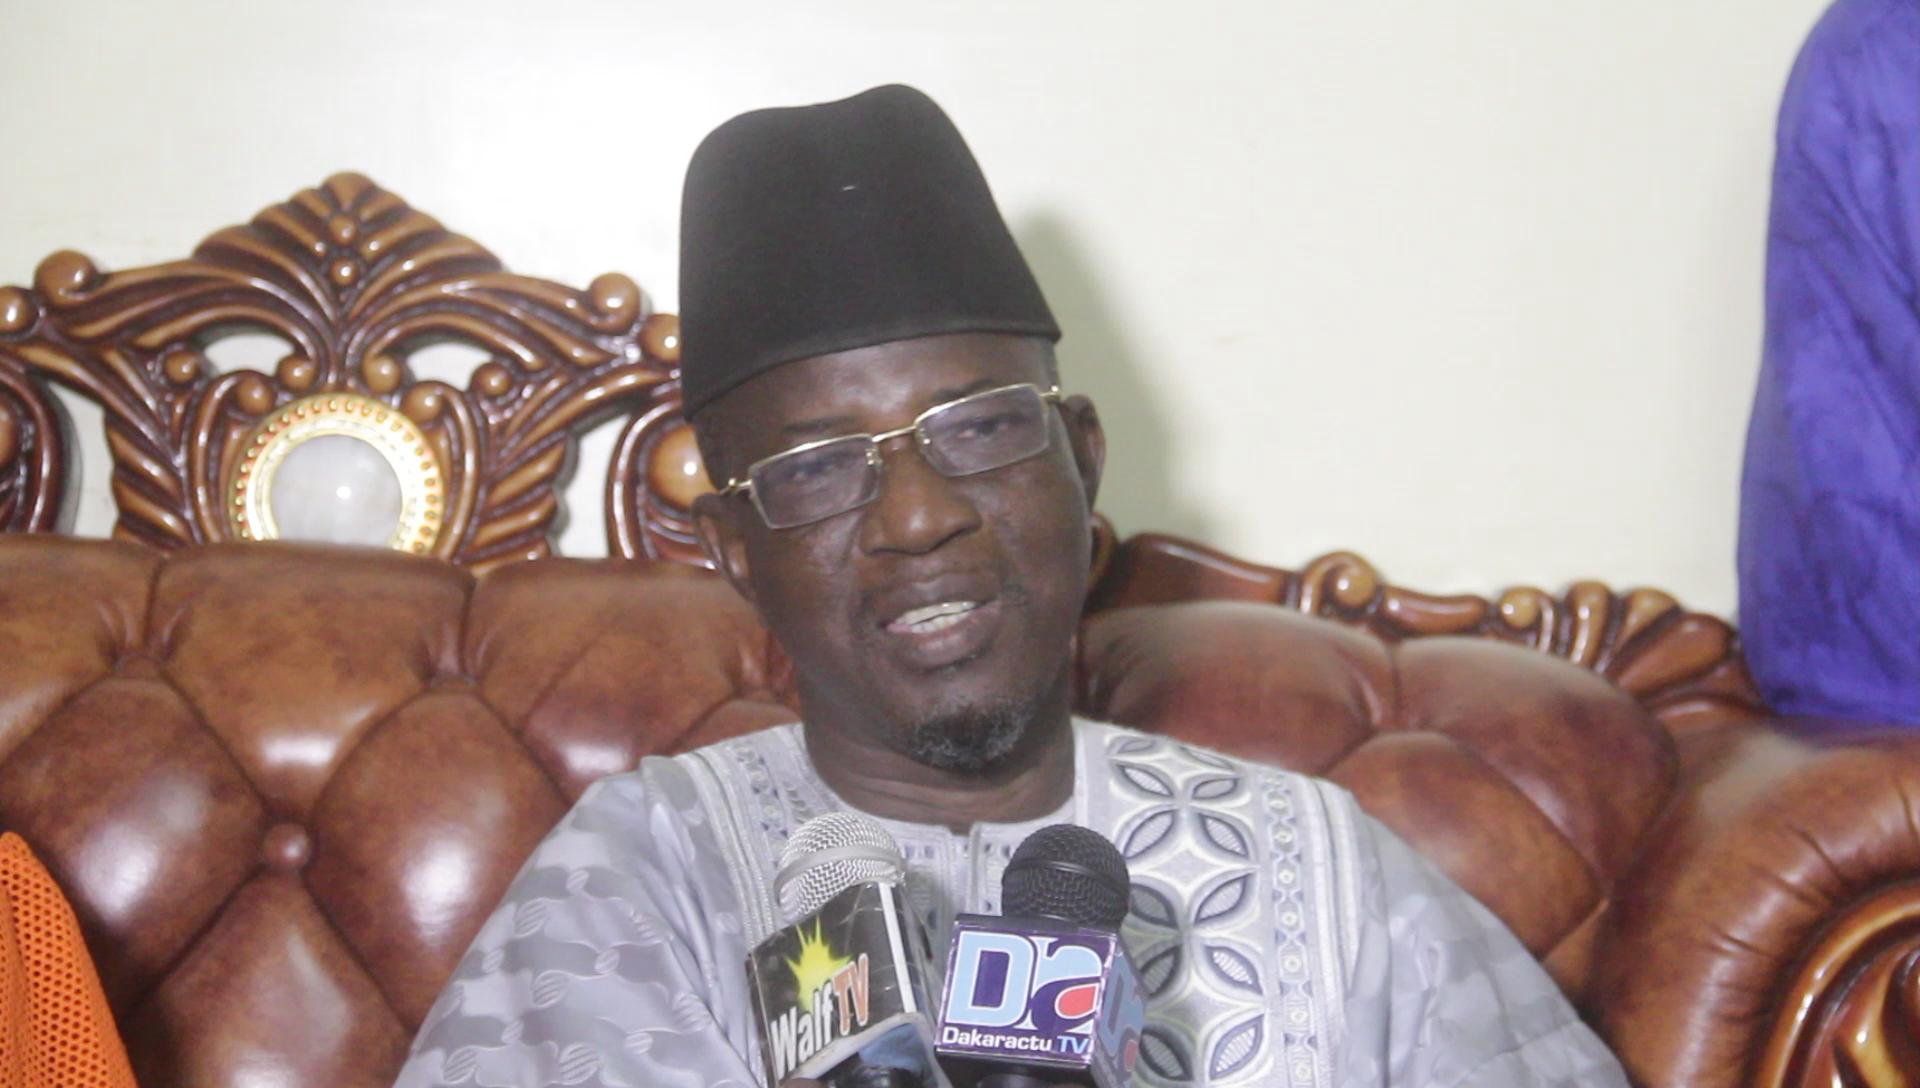 Politique : Saccage des bureaux de vote de son fief, Alioune Sylla dit Alla candidat investi de la coalition BBY du département de Mbacké demande à l'état de prendre ses responsabilités